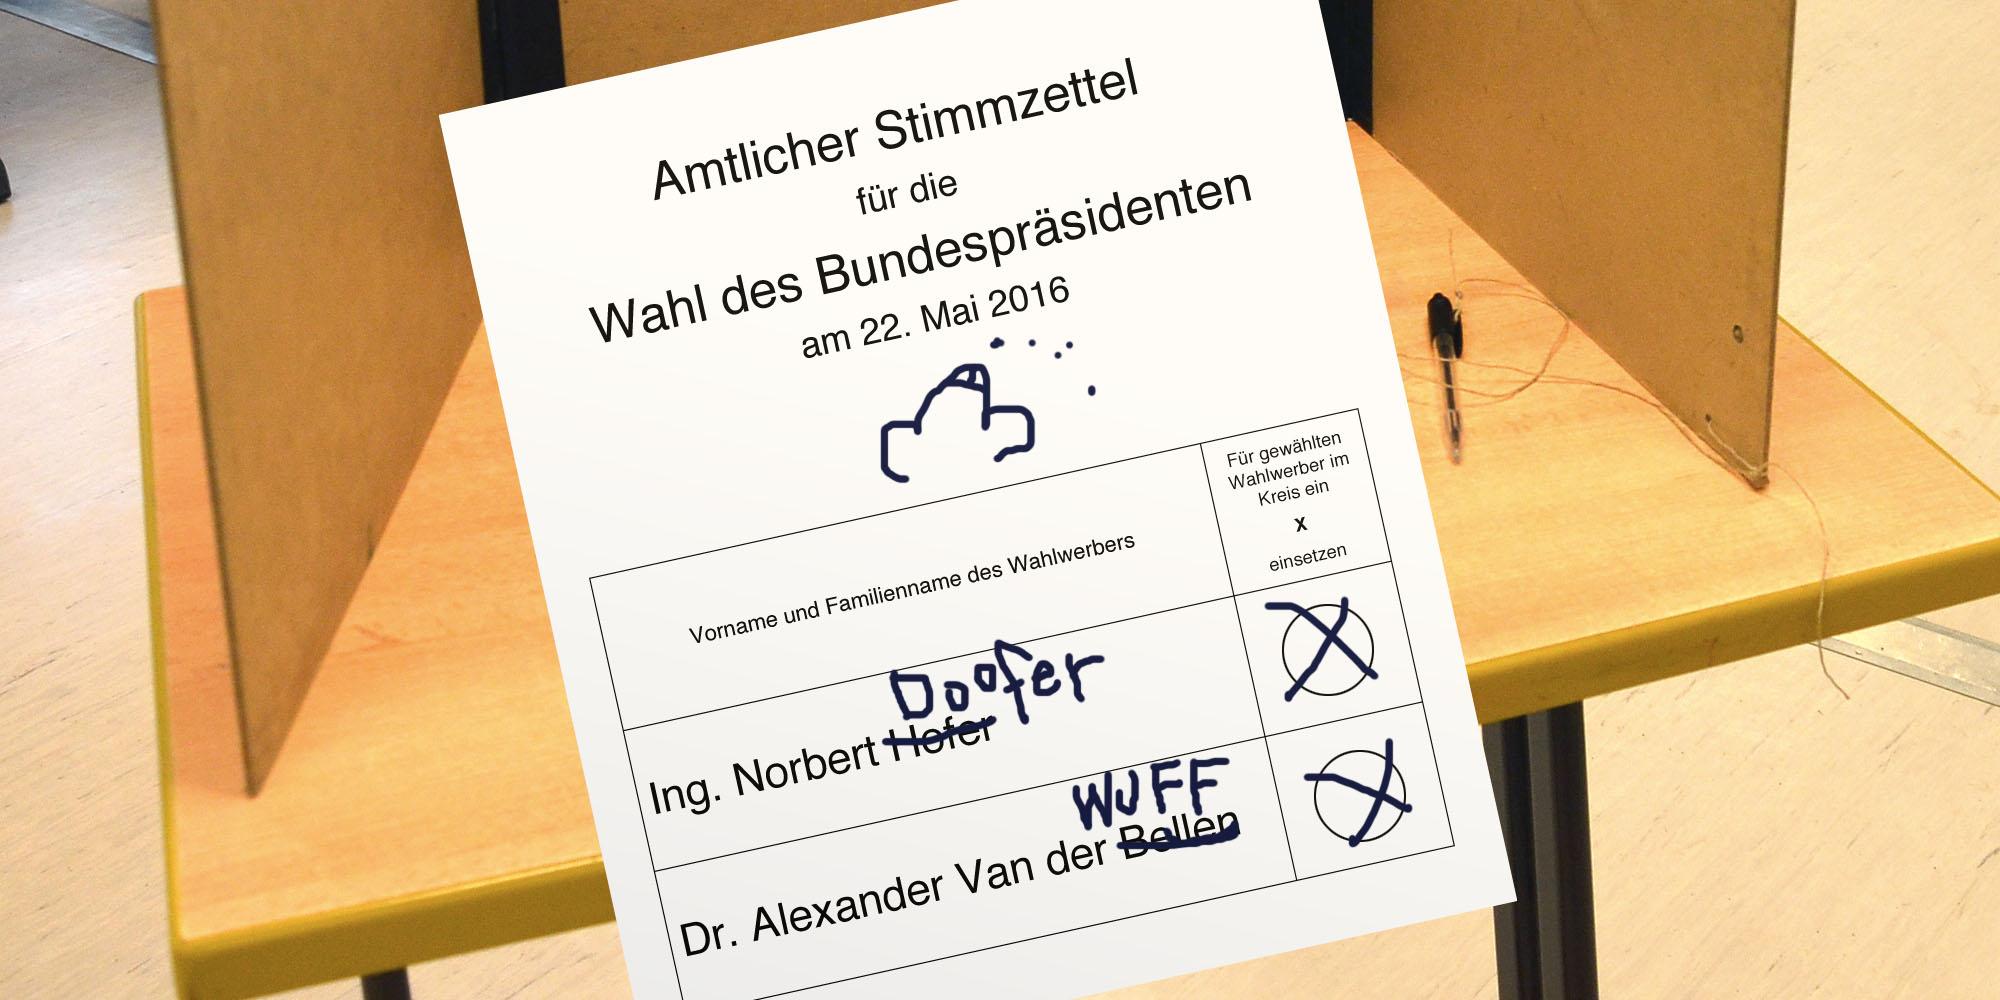 Wahlzettel mit Schmierereien